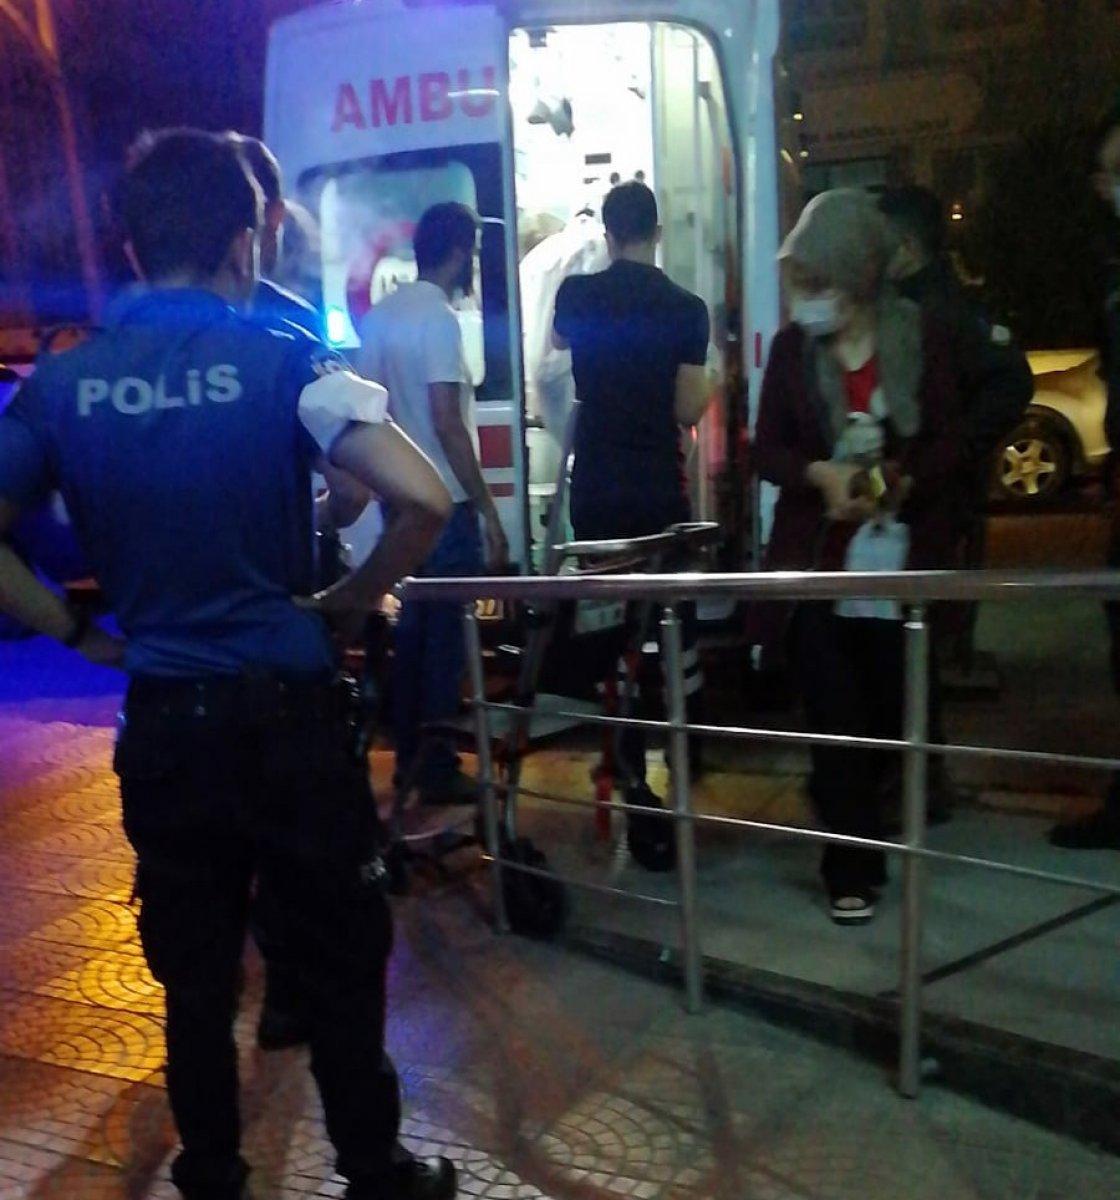 Manisa da kardeş kavgası: 1 ölü, 1 yaralı #2